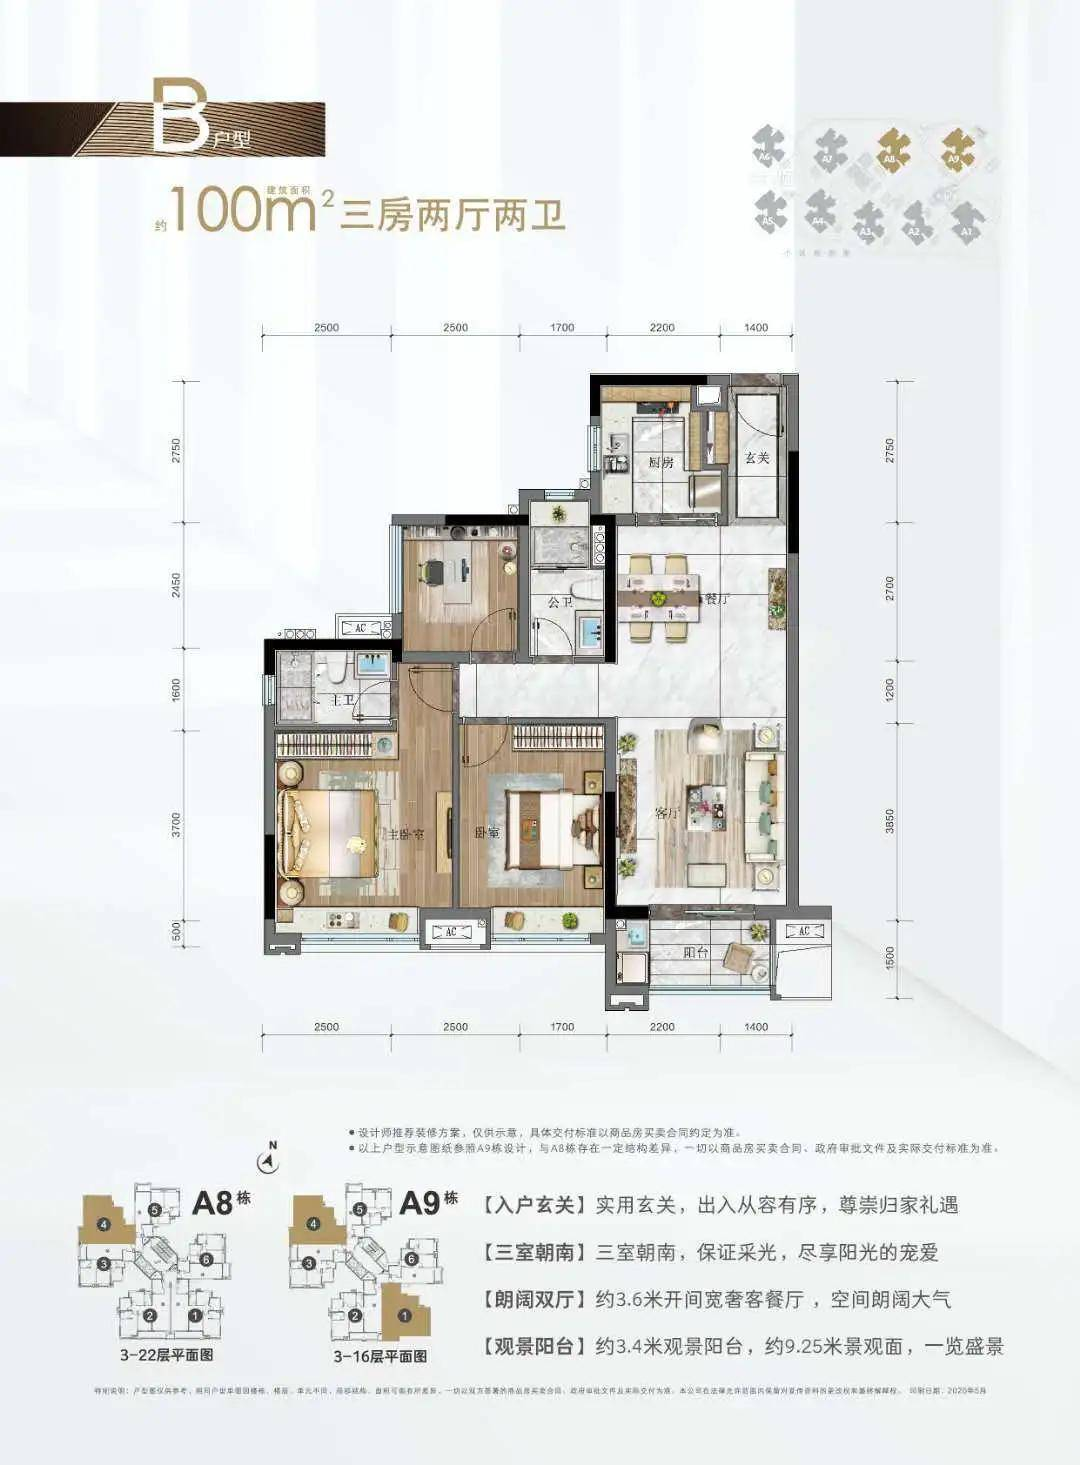 2021广州【中海·熙园】怎么样?到底值不值得买?优缺点分析!